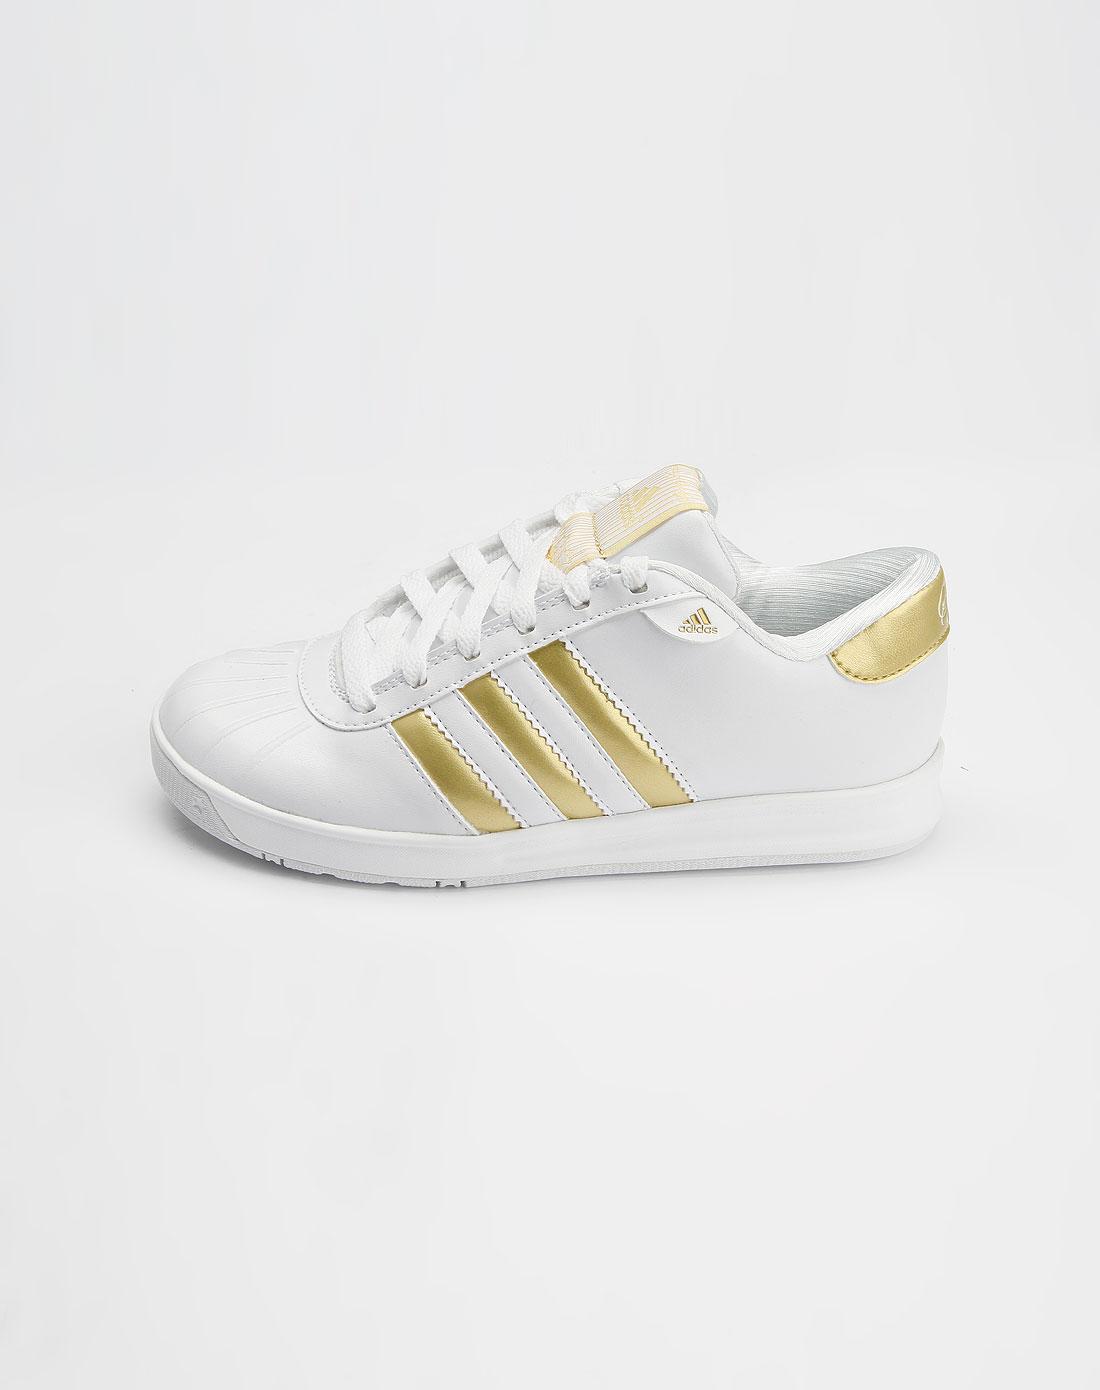 阿迪达斯adidas女款白/金绿色运动休闲鞋g08676